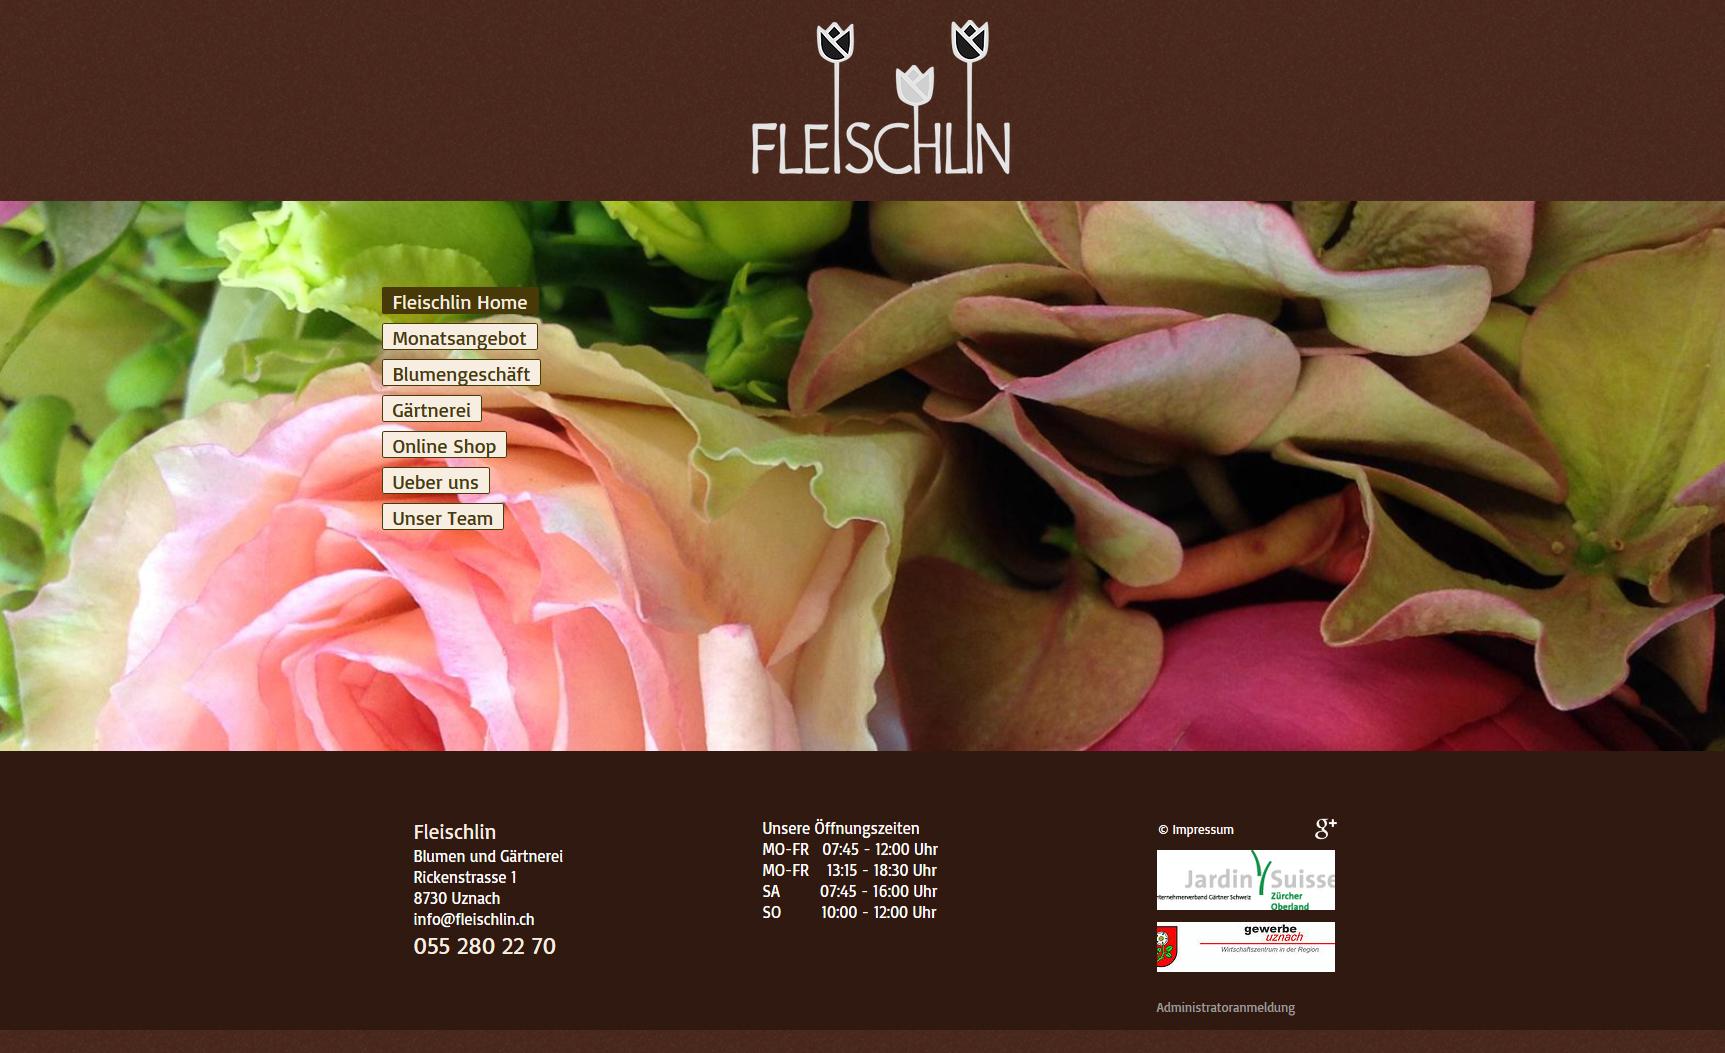 fleischlin